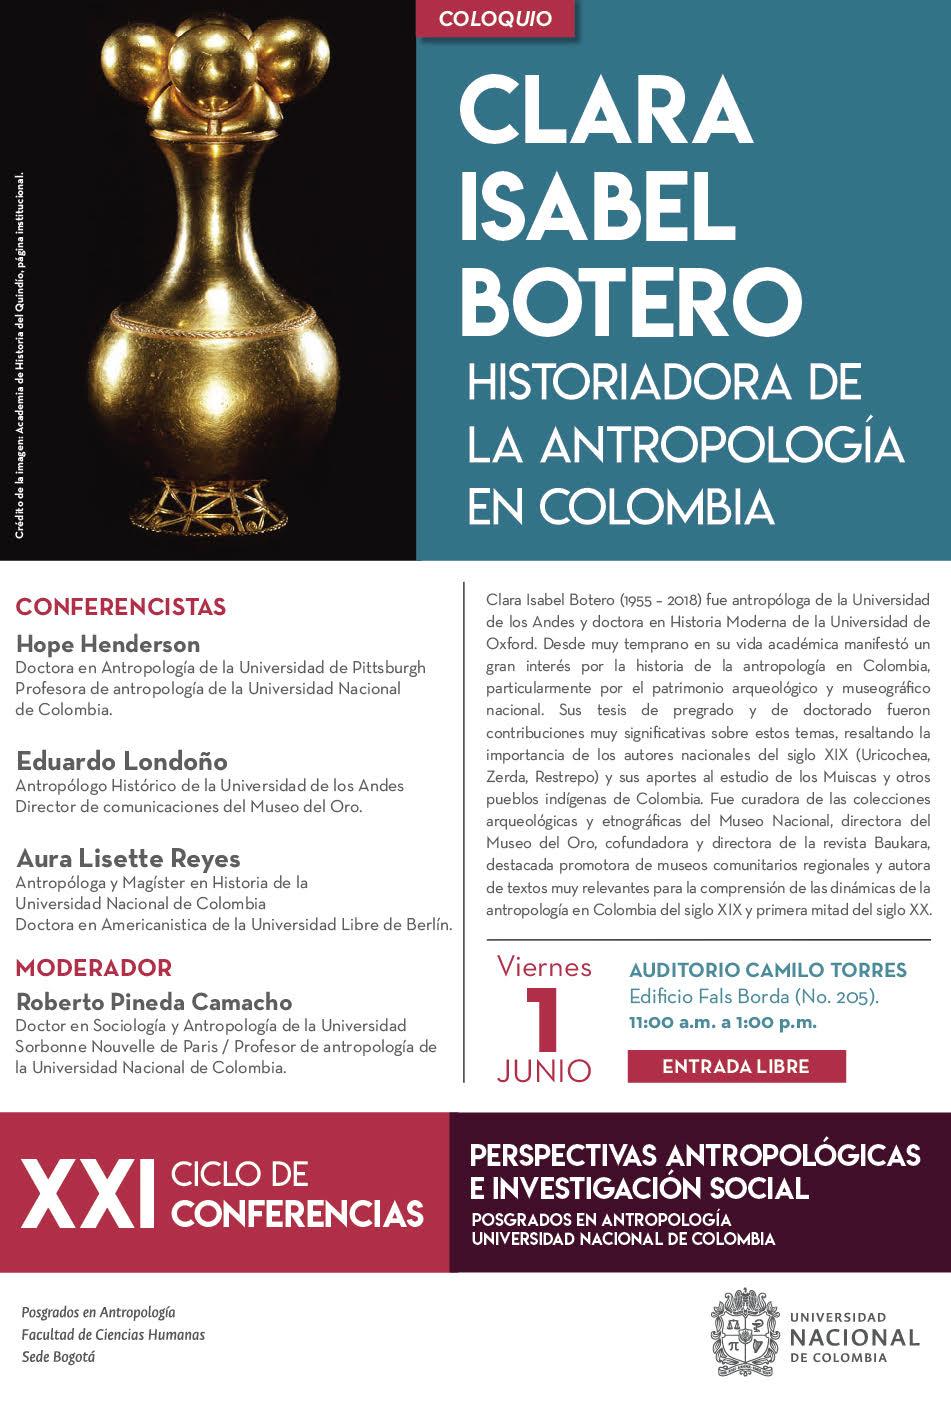 [XXI Ciclo de Conferencias Perspectivas Antropológicas e Investigación Social] Coloquio «Clara Isabel Botero, historiadora de la antropología en Colombia»